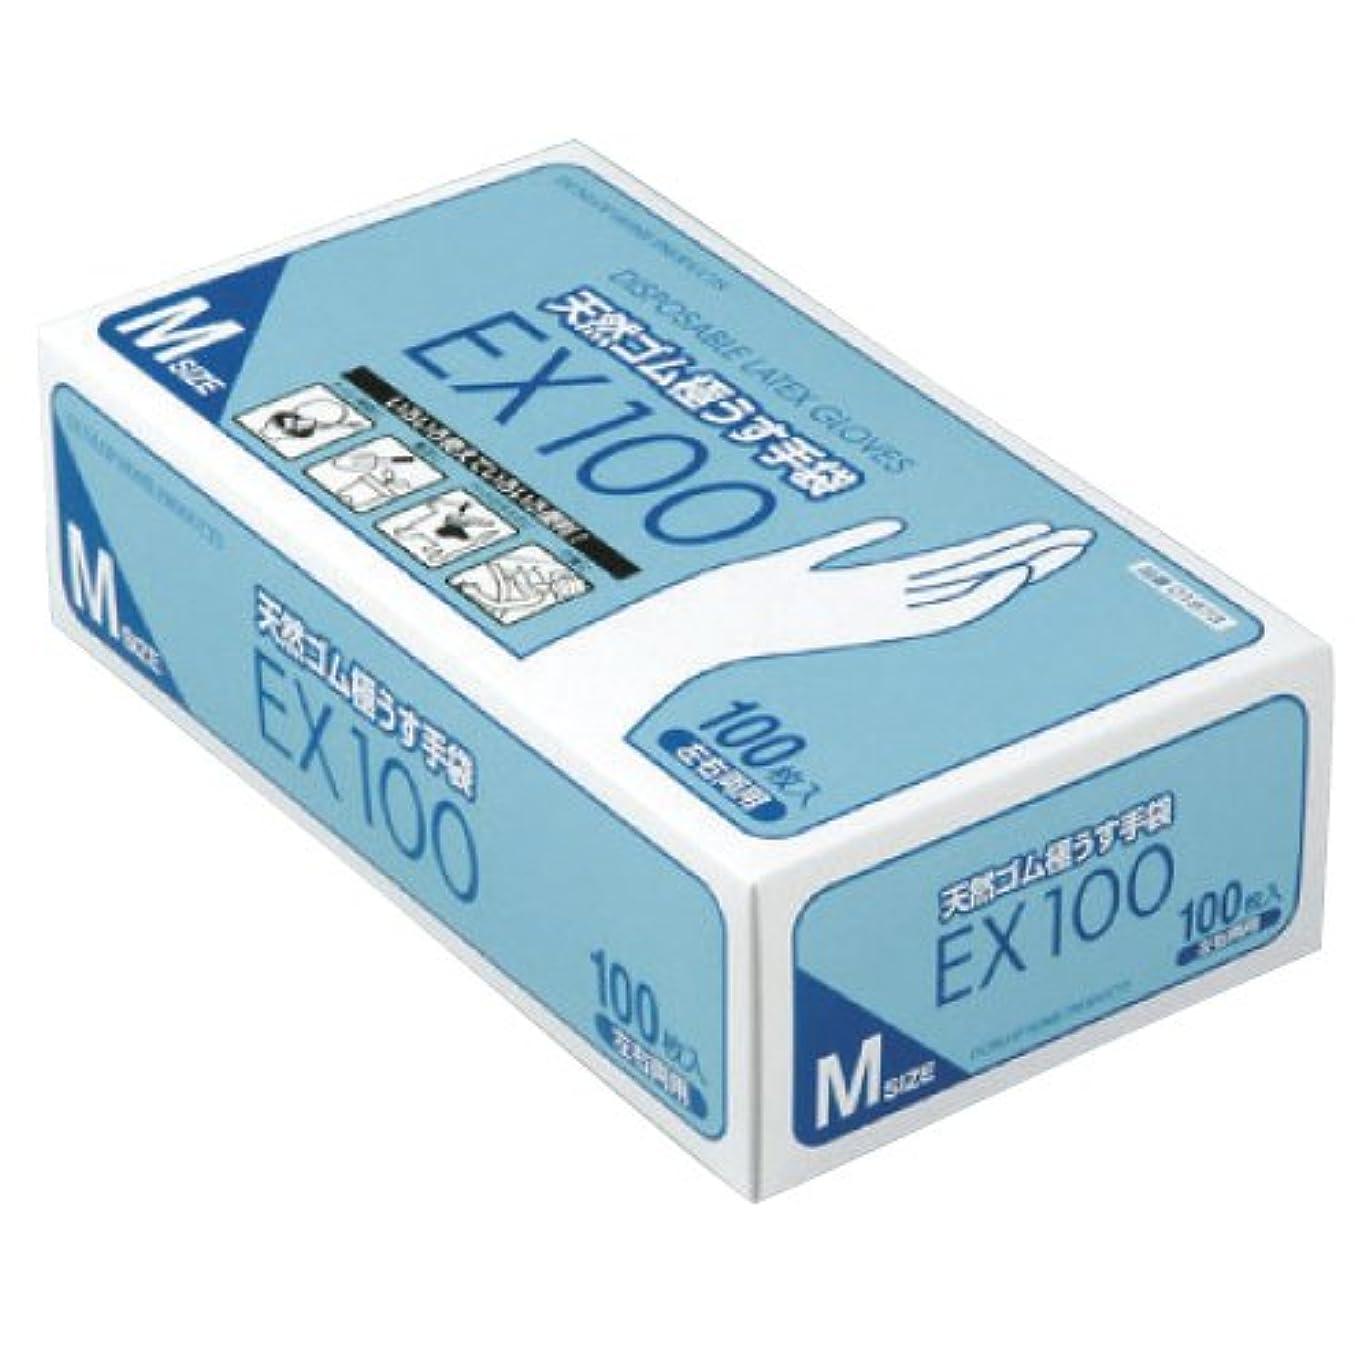 枯渇何でも部門ダンロップホームプロダクツ 天然ゴム極うす手袋EX100 07620(M)100マイイリ